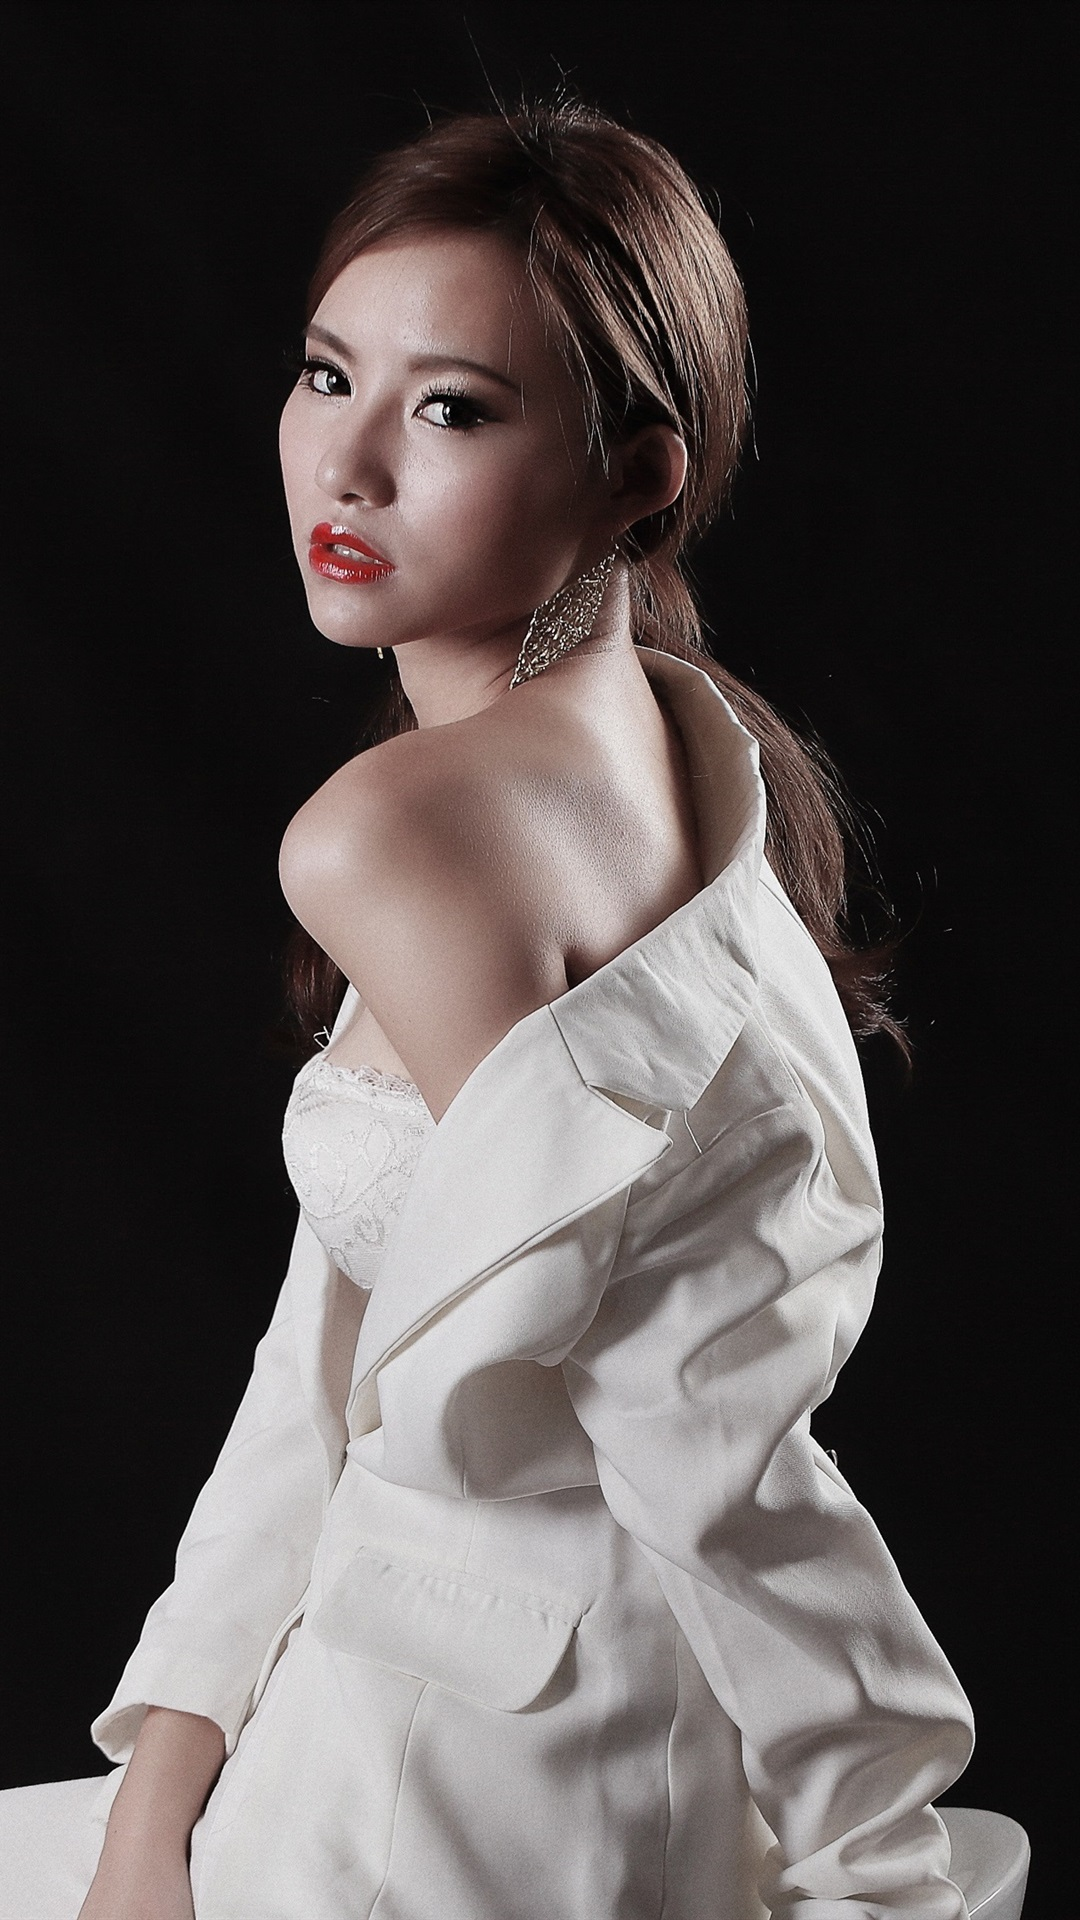 Wallpaper White Dress Asian Girl Costume Black